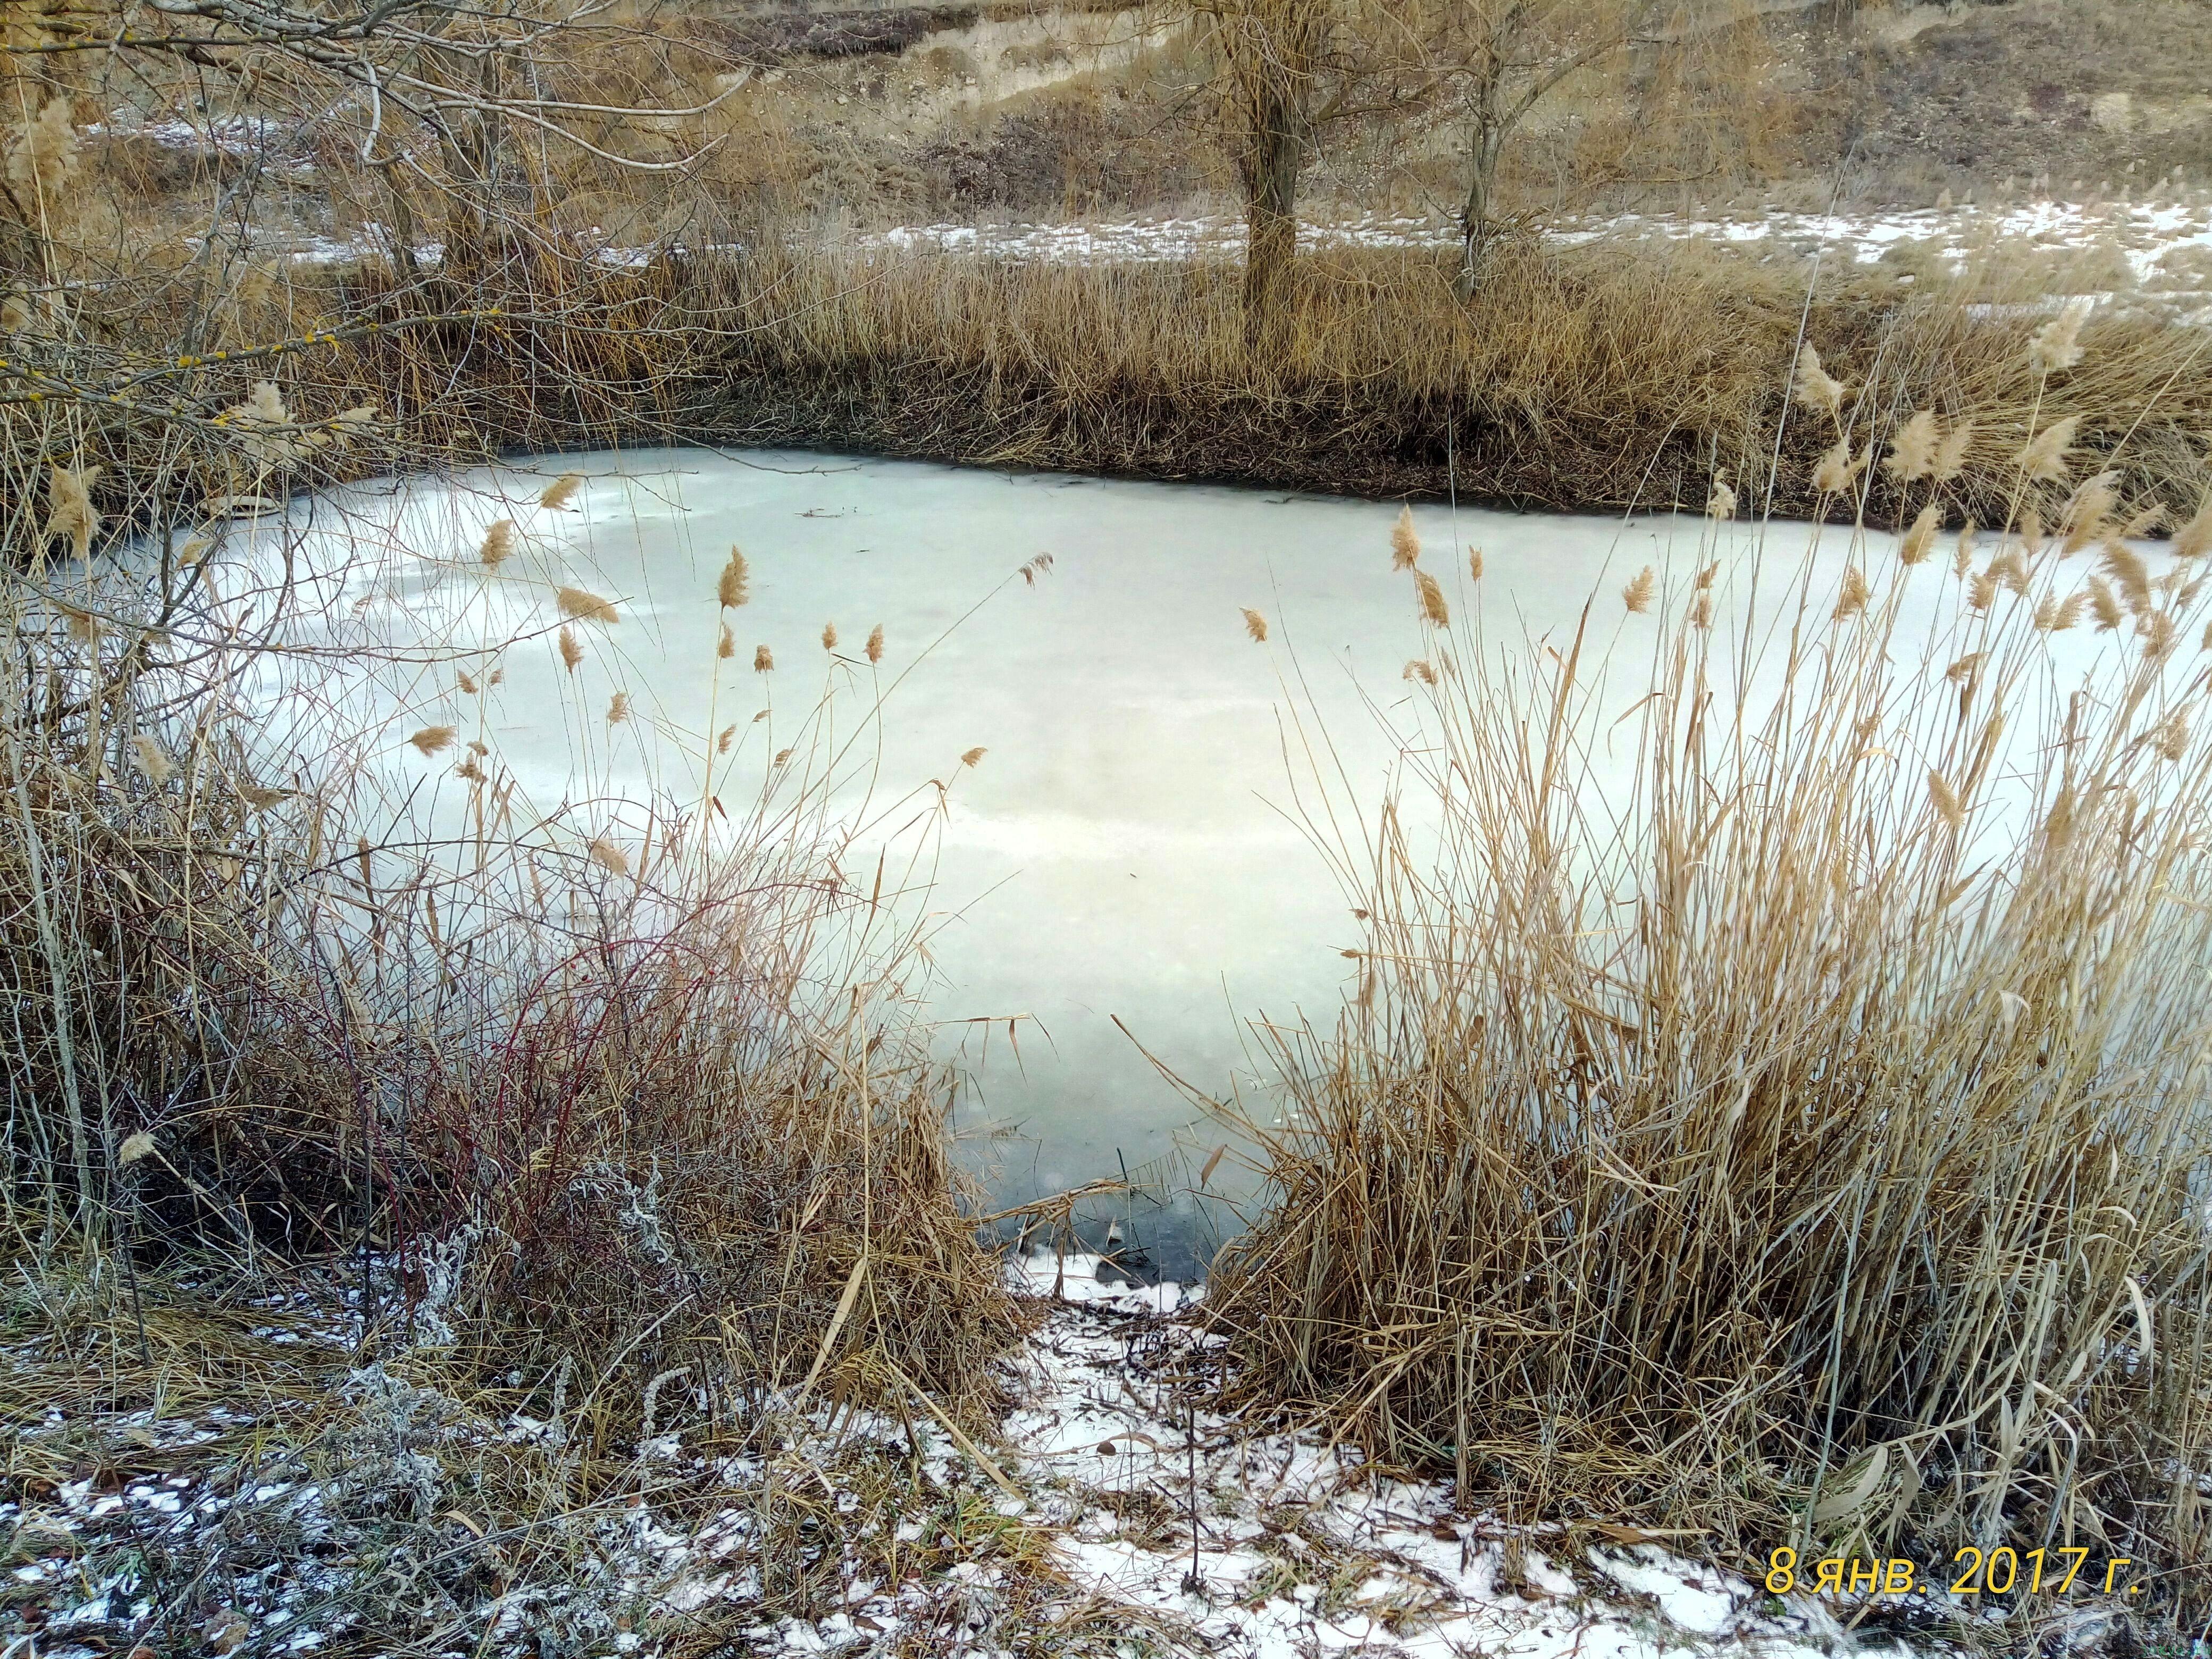 Пруд зимою «Дурдомовский»: ловля зимой на пруду фото заметка о моей реальности в Крыму jokya.ru